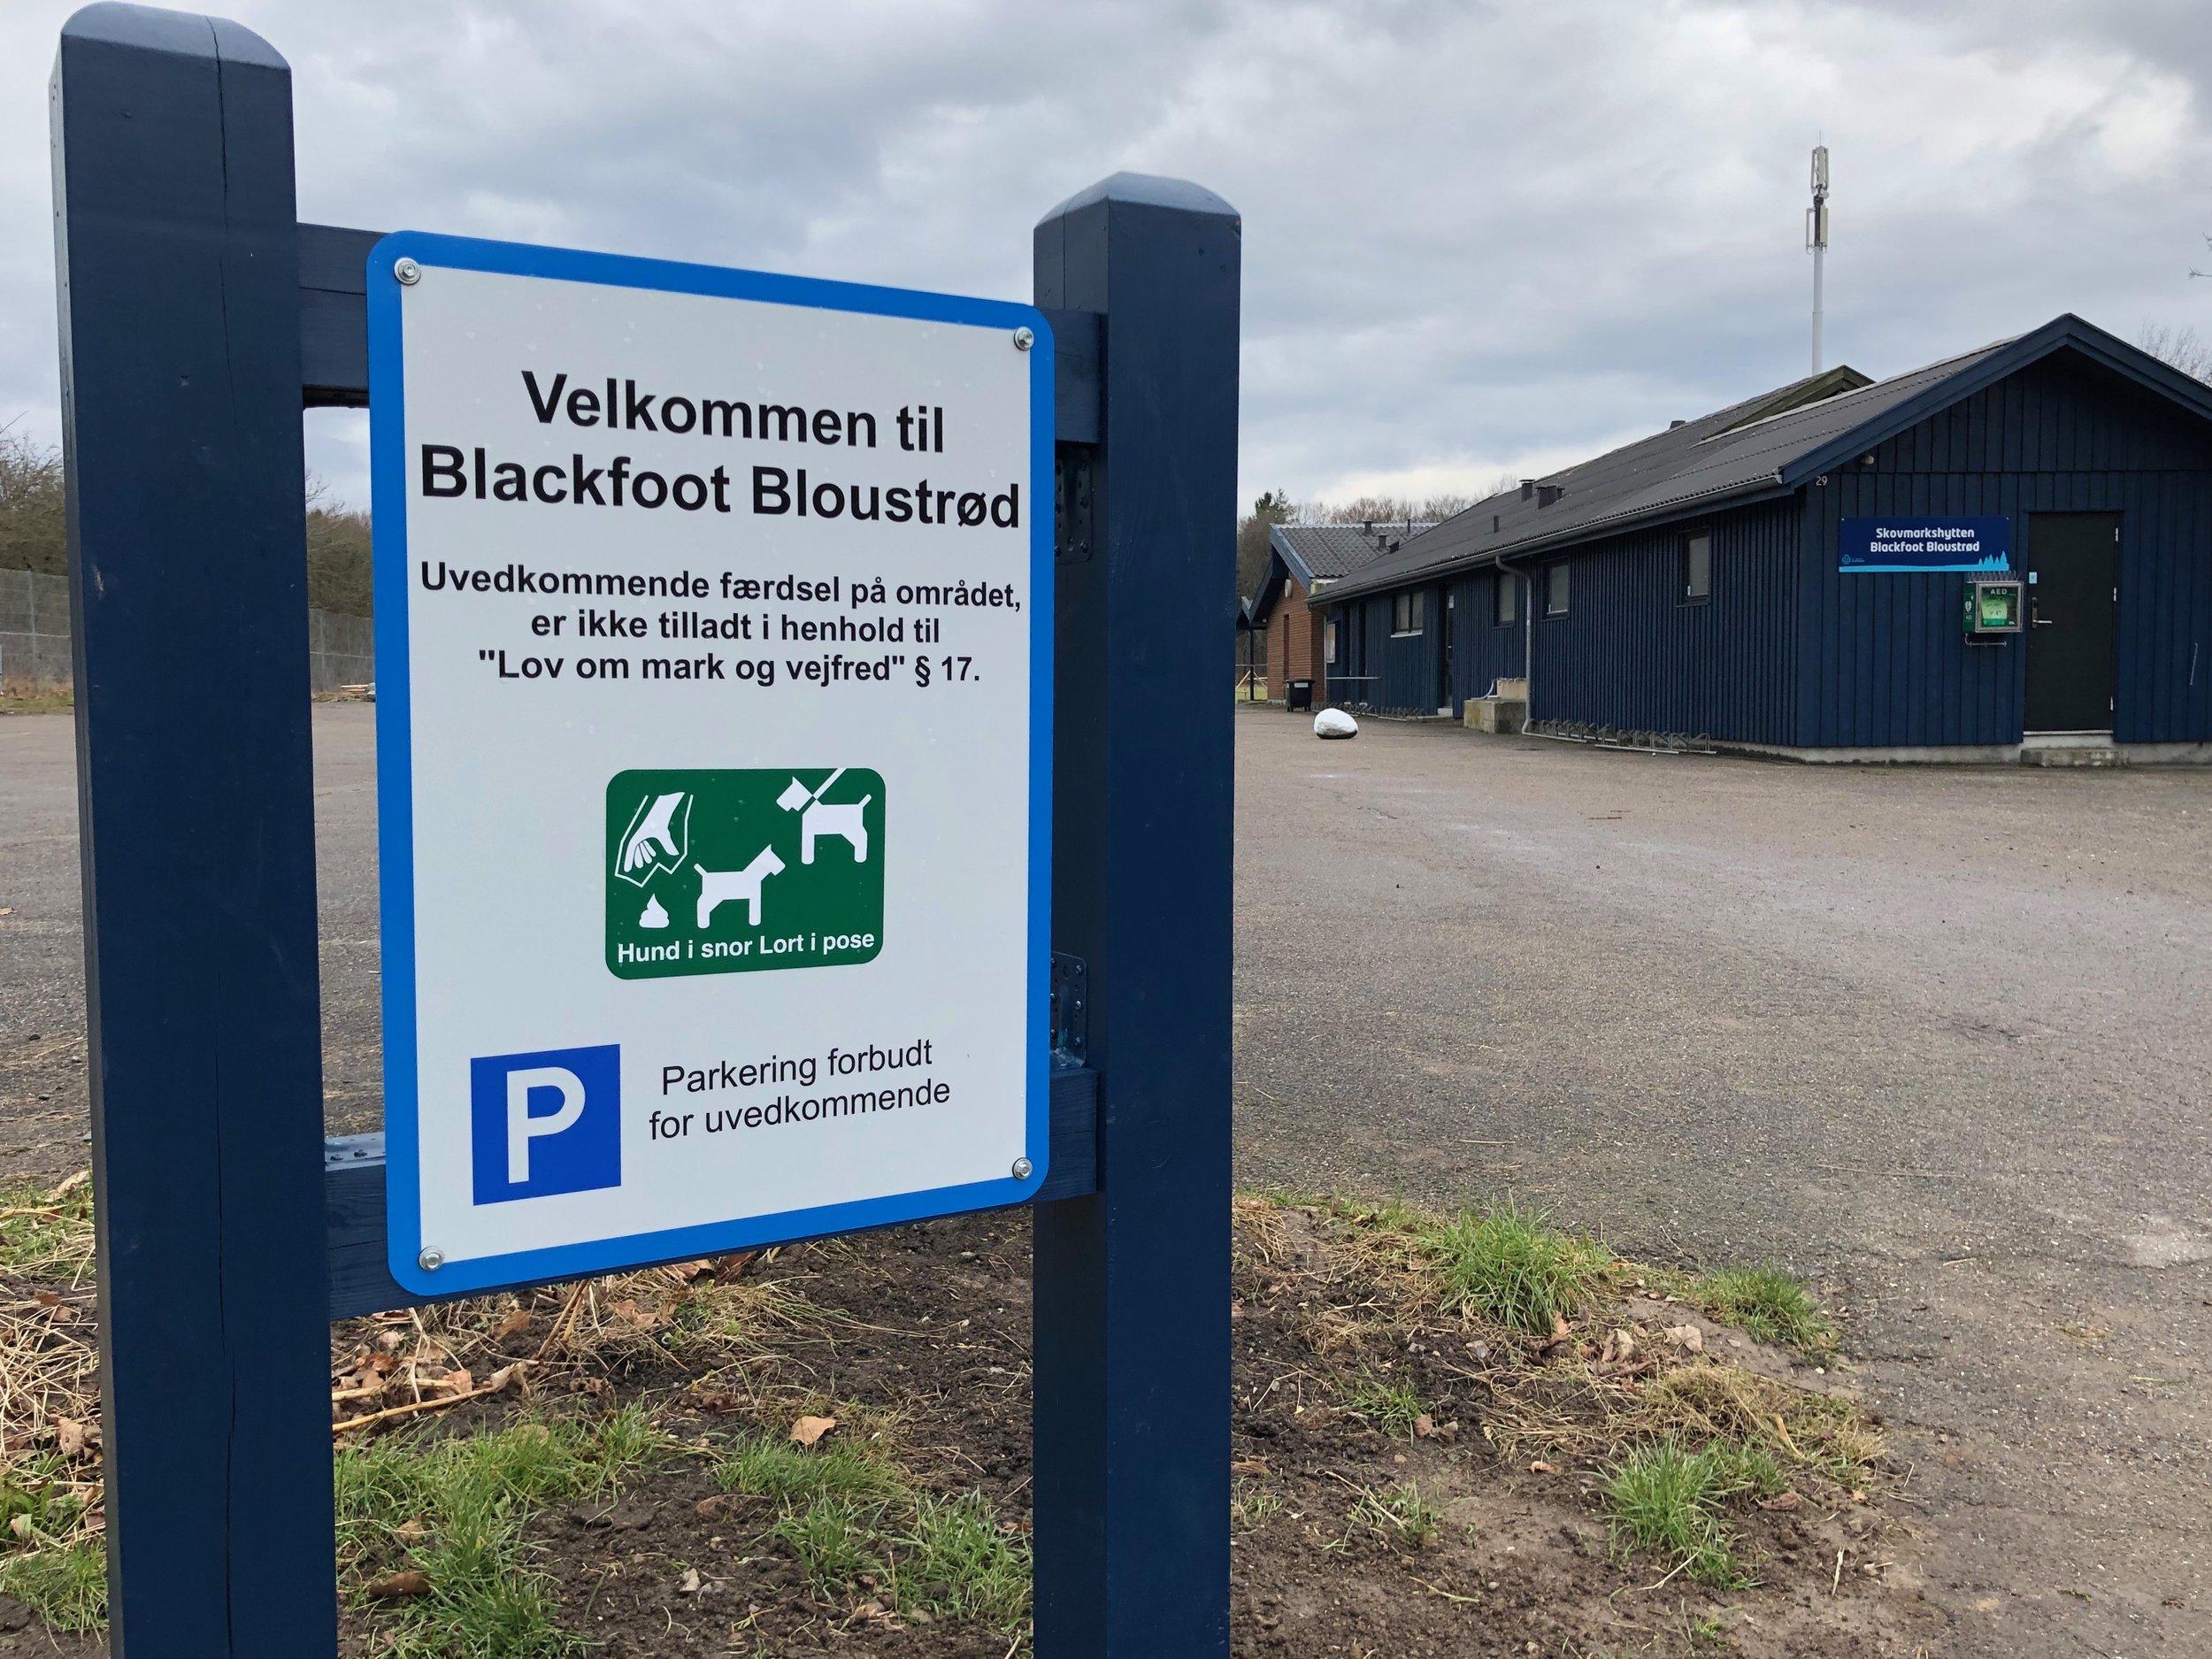 """Michael Timm: """"Hytten og grunden tilhører Blackfoot Bloustrød spejdergruppen, og ikke Allerød Kommune. Henvisningen til §17 på skiltningen, er efter anbefaling fra myndighederne."""" Foto: AOB"""